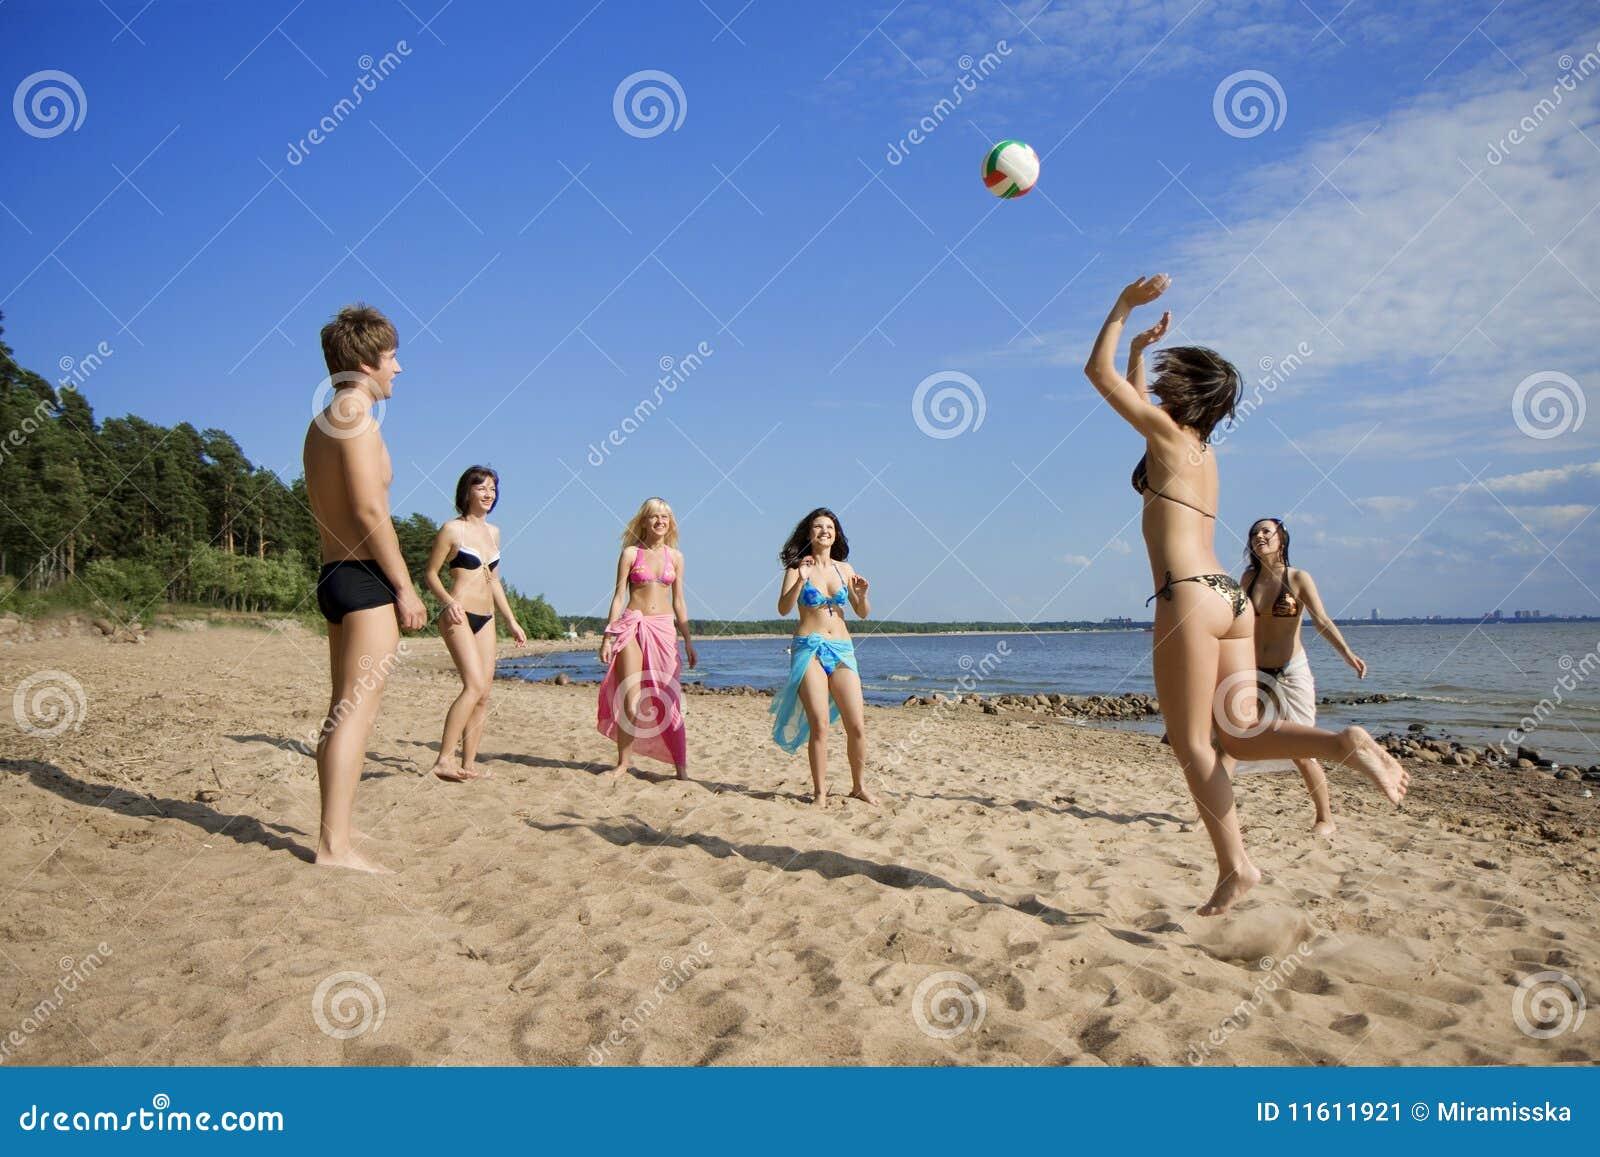 打排球的海滩人